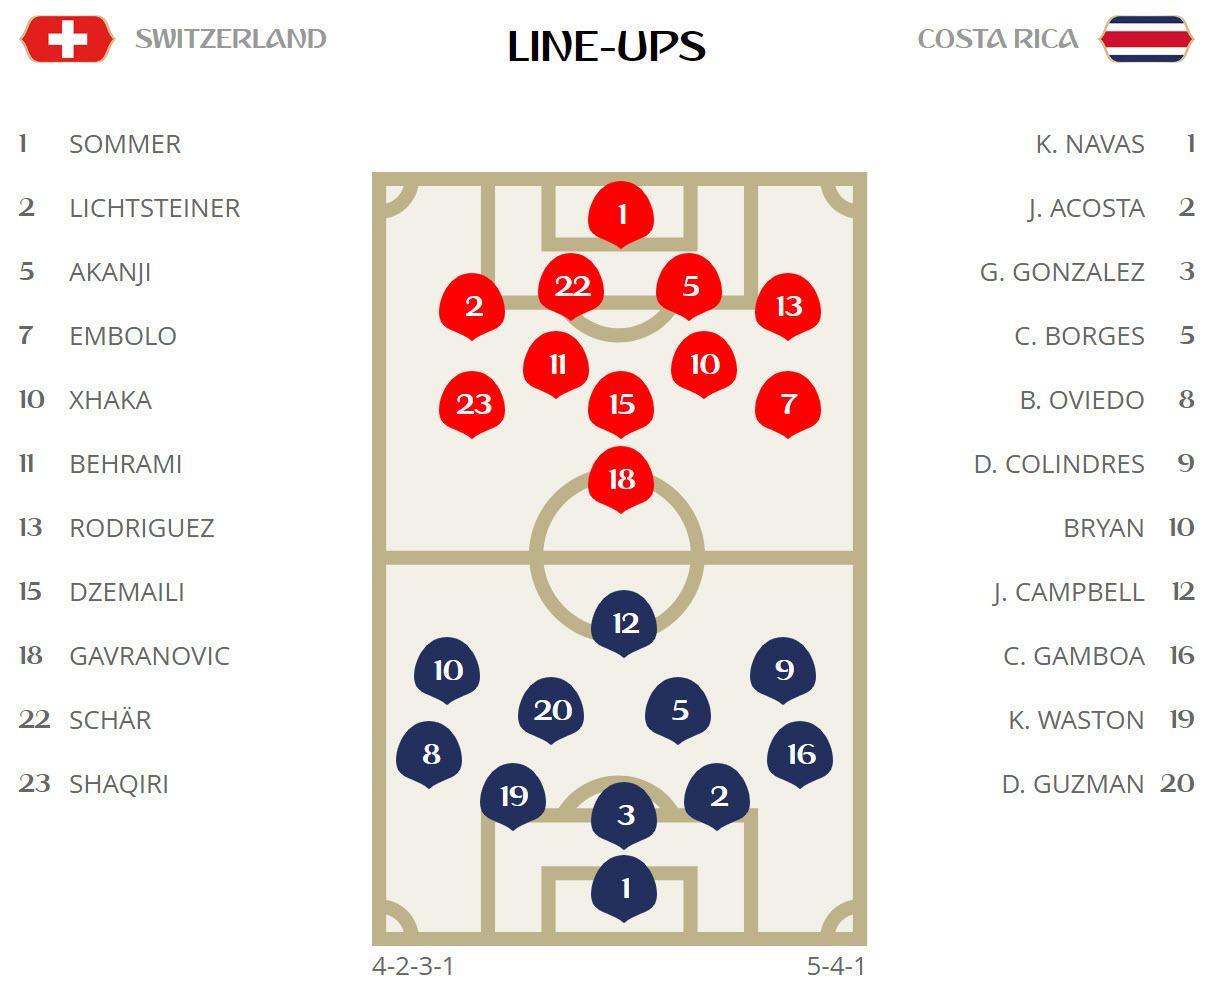 Đội hình ra sân Thụy Sĩ vs Costa Rica: Trông vào Shaqiri